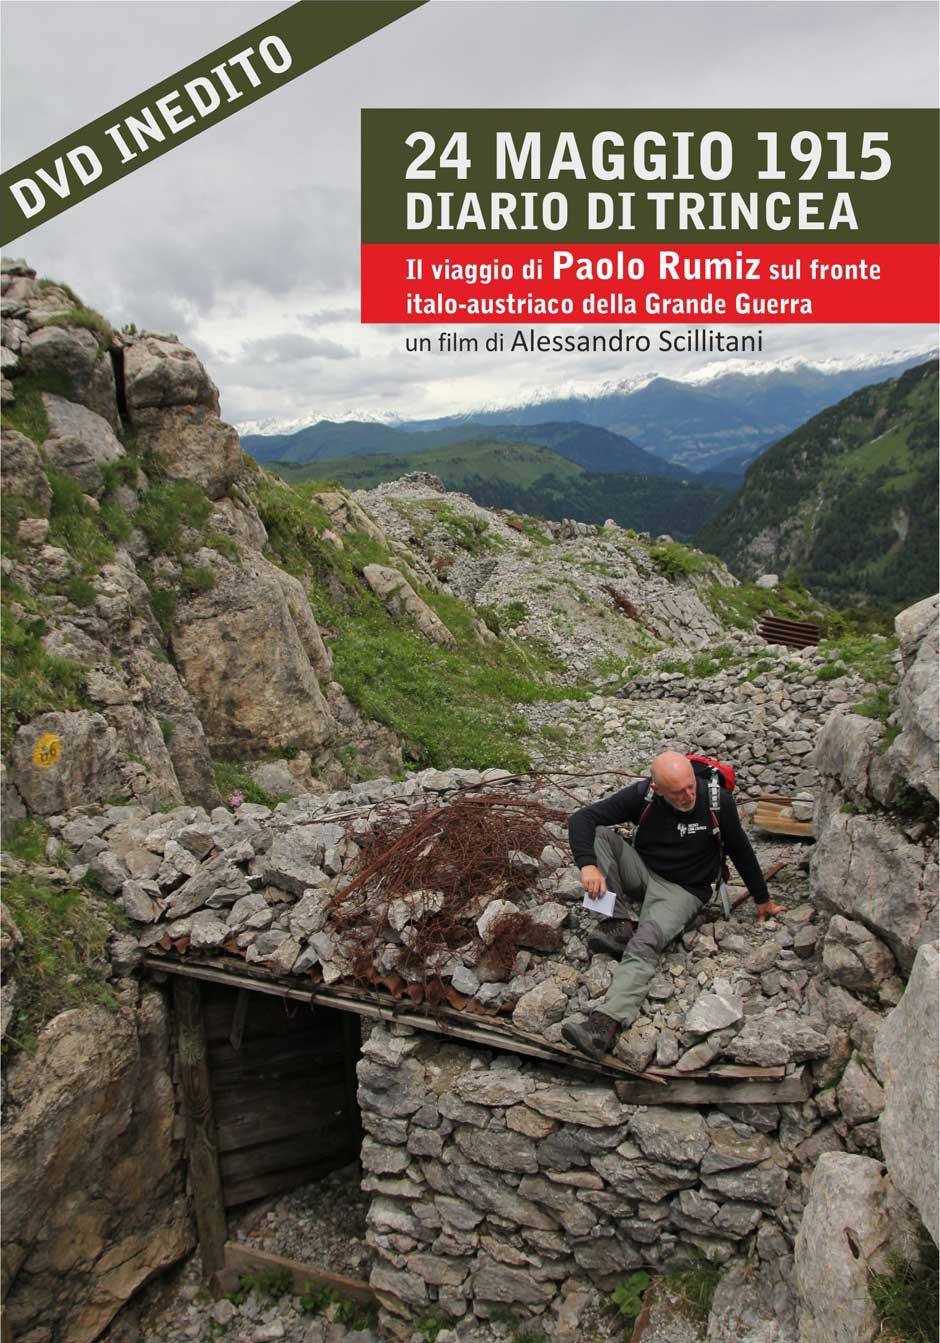 24 MAGGIO 1915 - DIARIO DI TRINCEA (DVD)